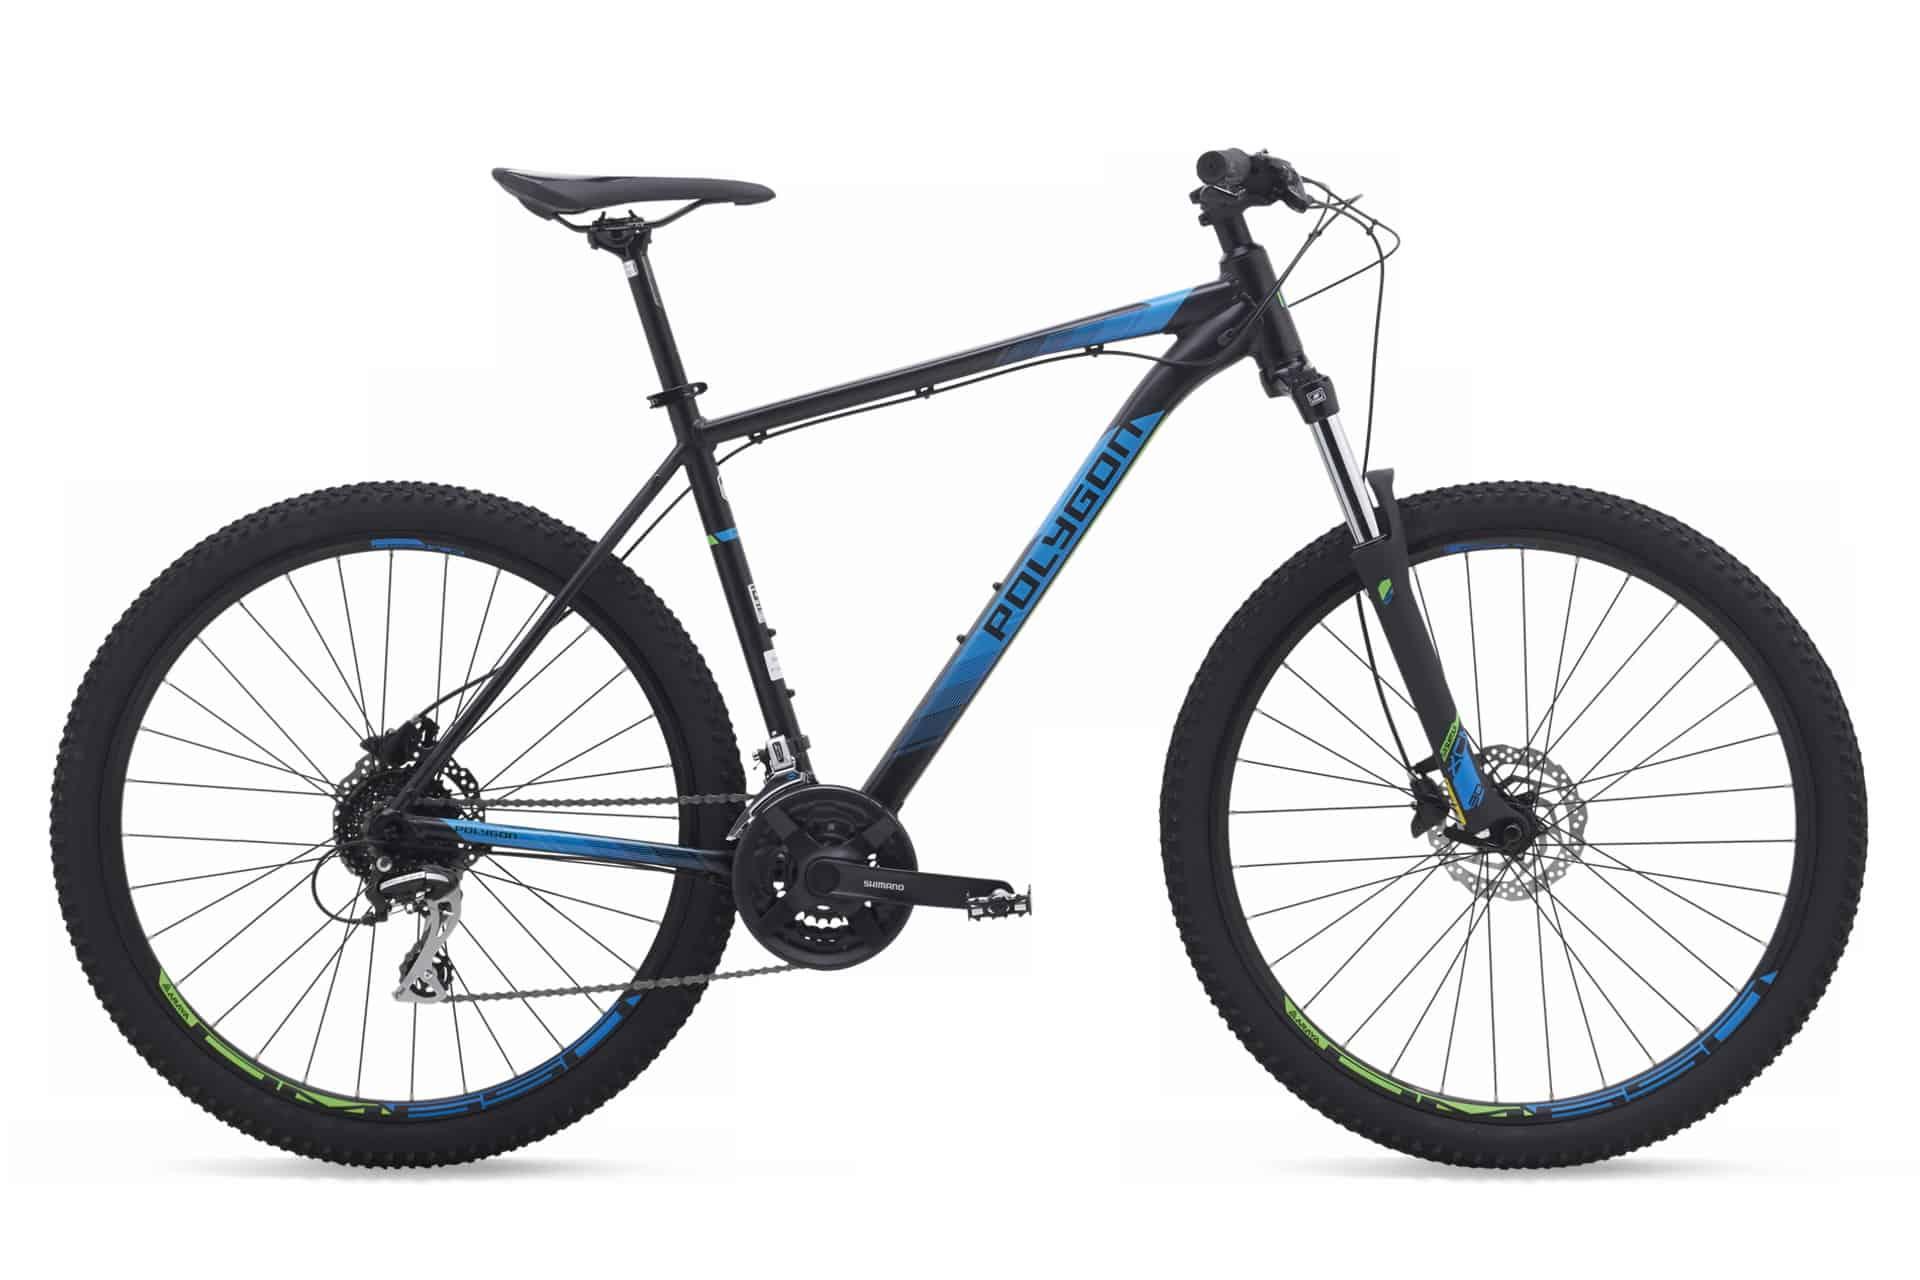 Spesifikasi dan Harga Polygon Premier 4 Sepeda.Me